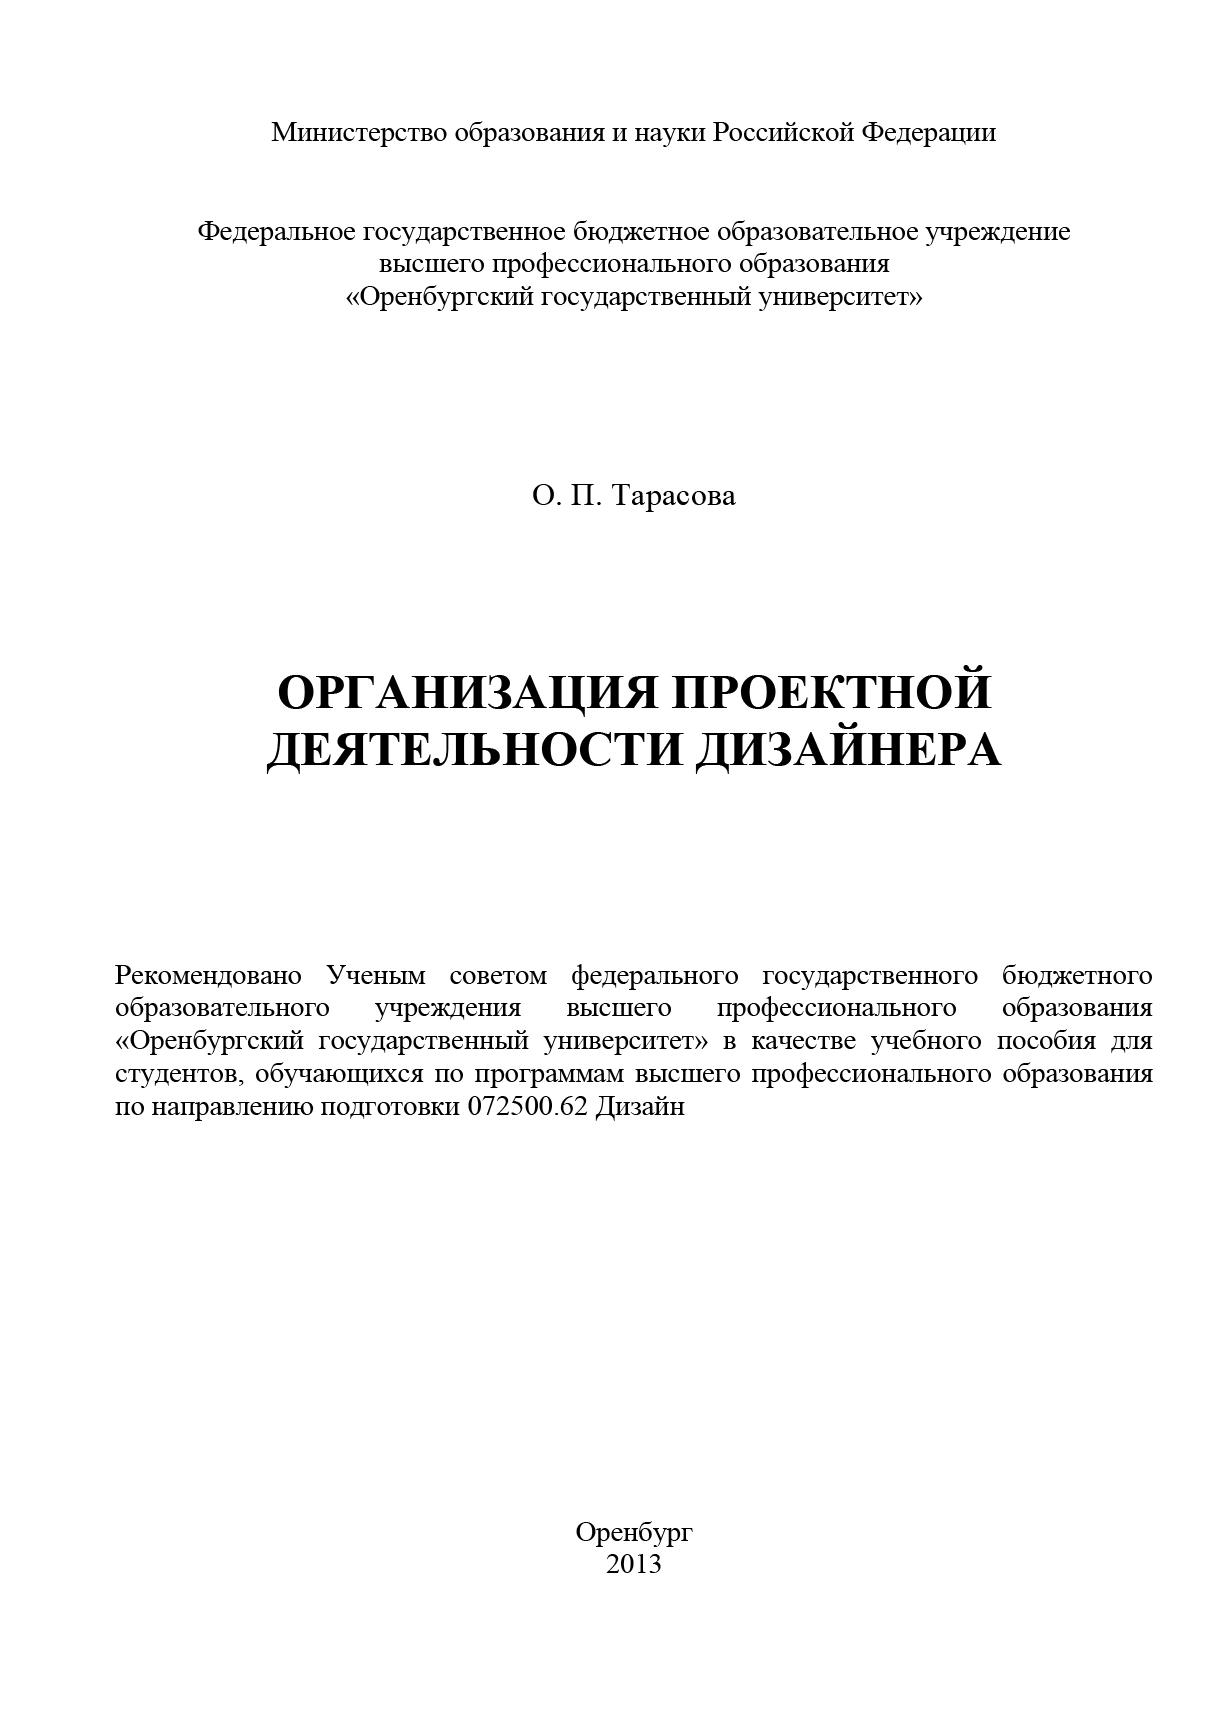 О. П. Тарасова Организация проектной деятельности дизайнера набор для совместной проектной деятельности huna современный город